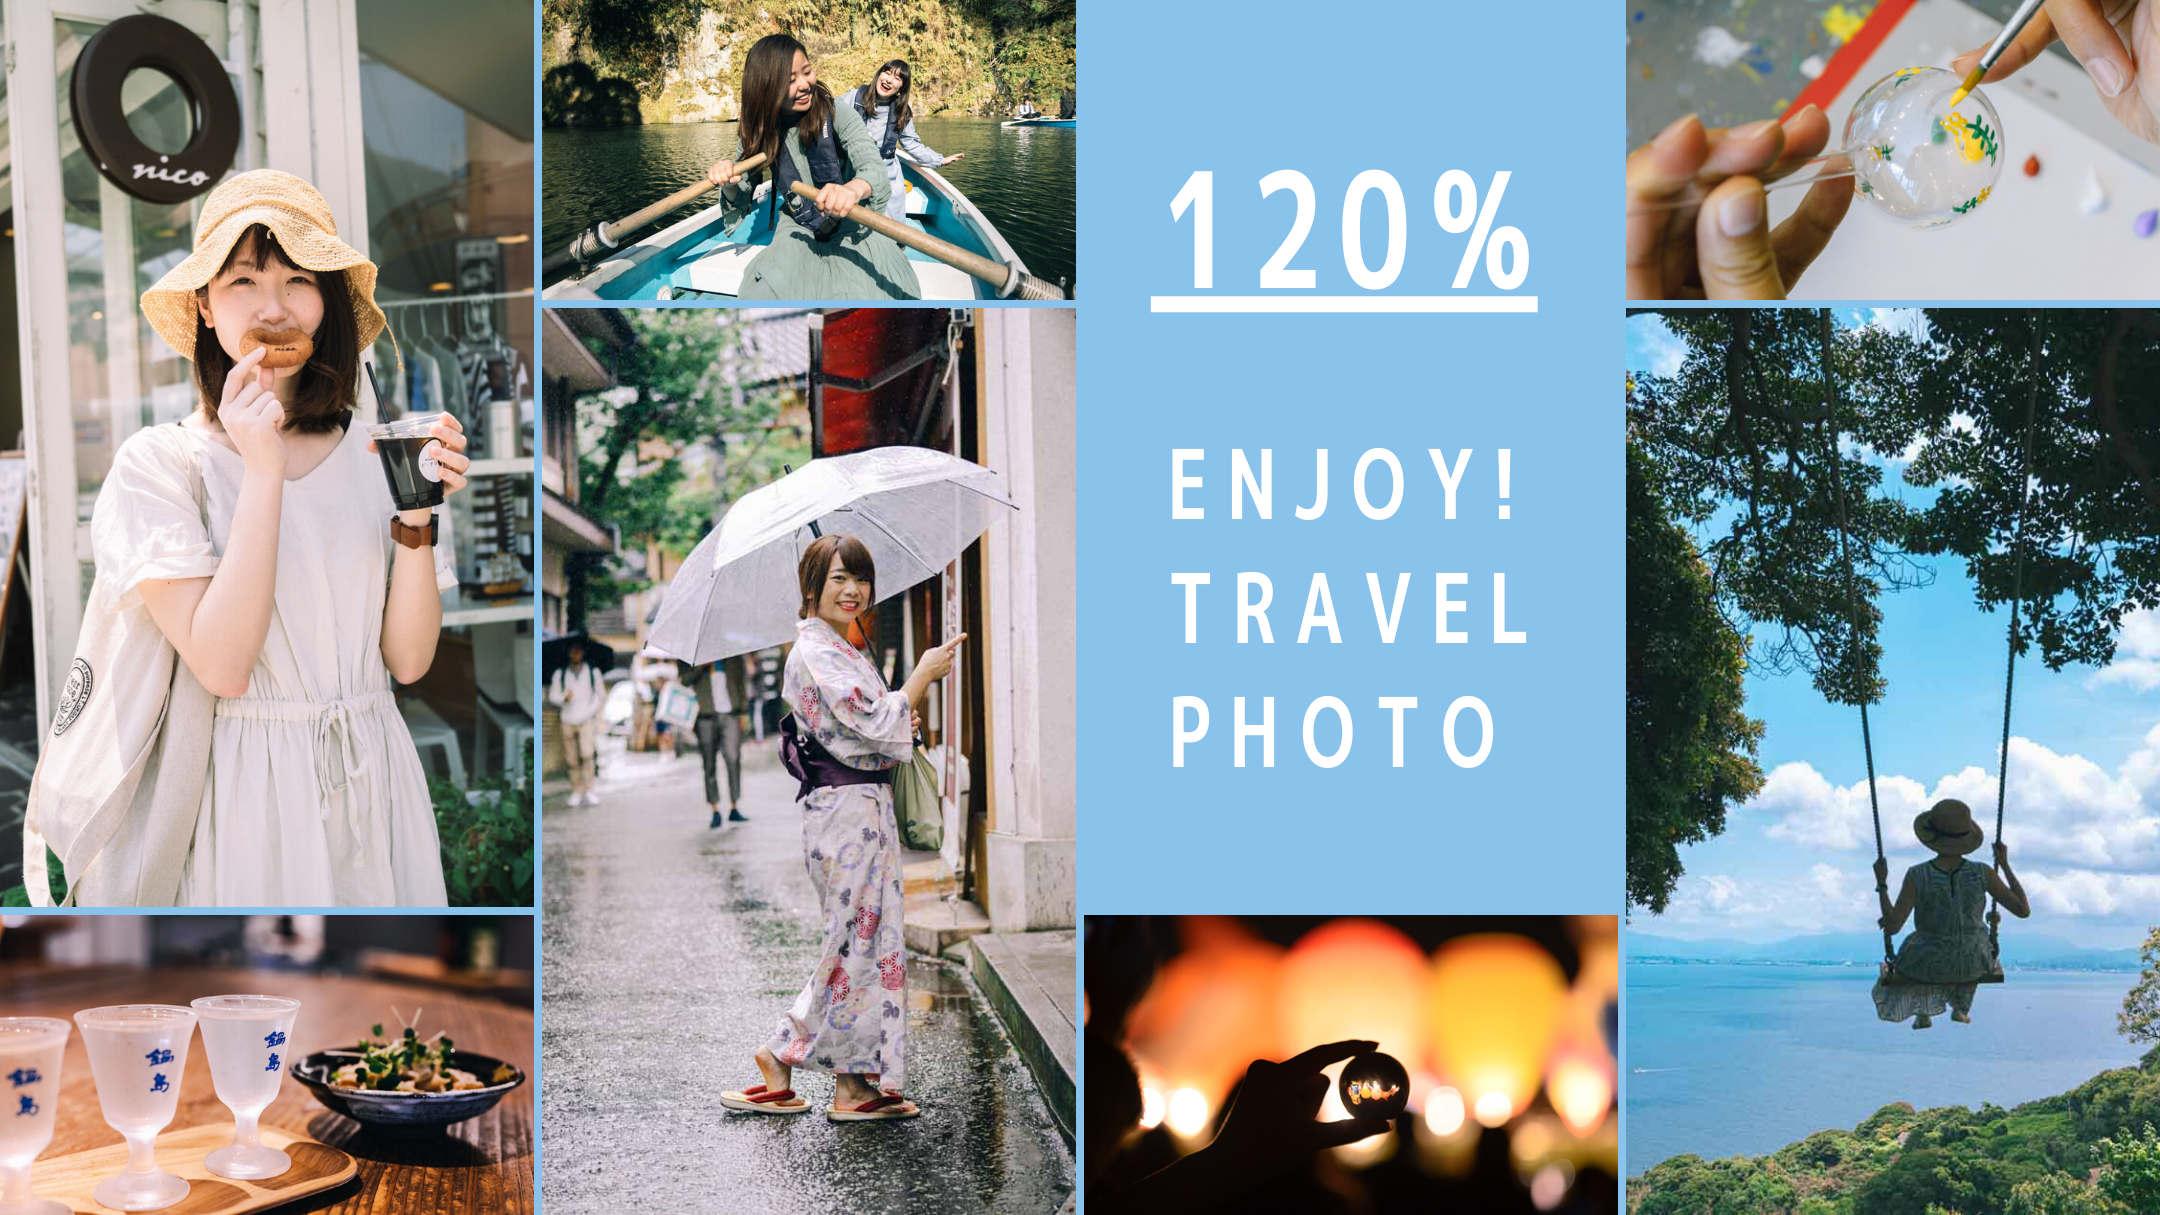 旅写真を120%楽しみたい!トラベルフォトグラファーyasukaさんの旅の撮り方